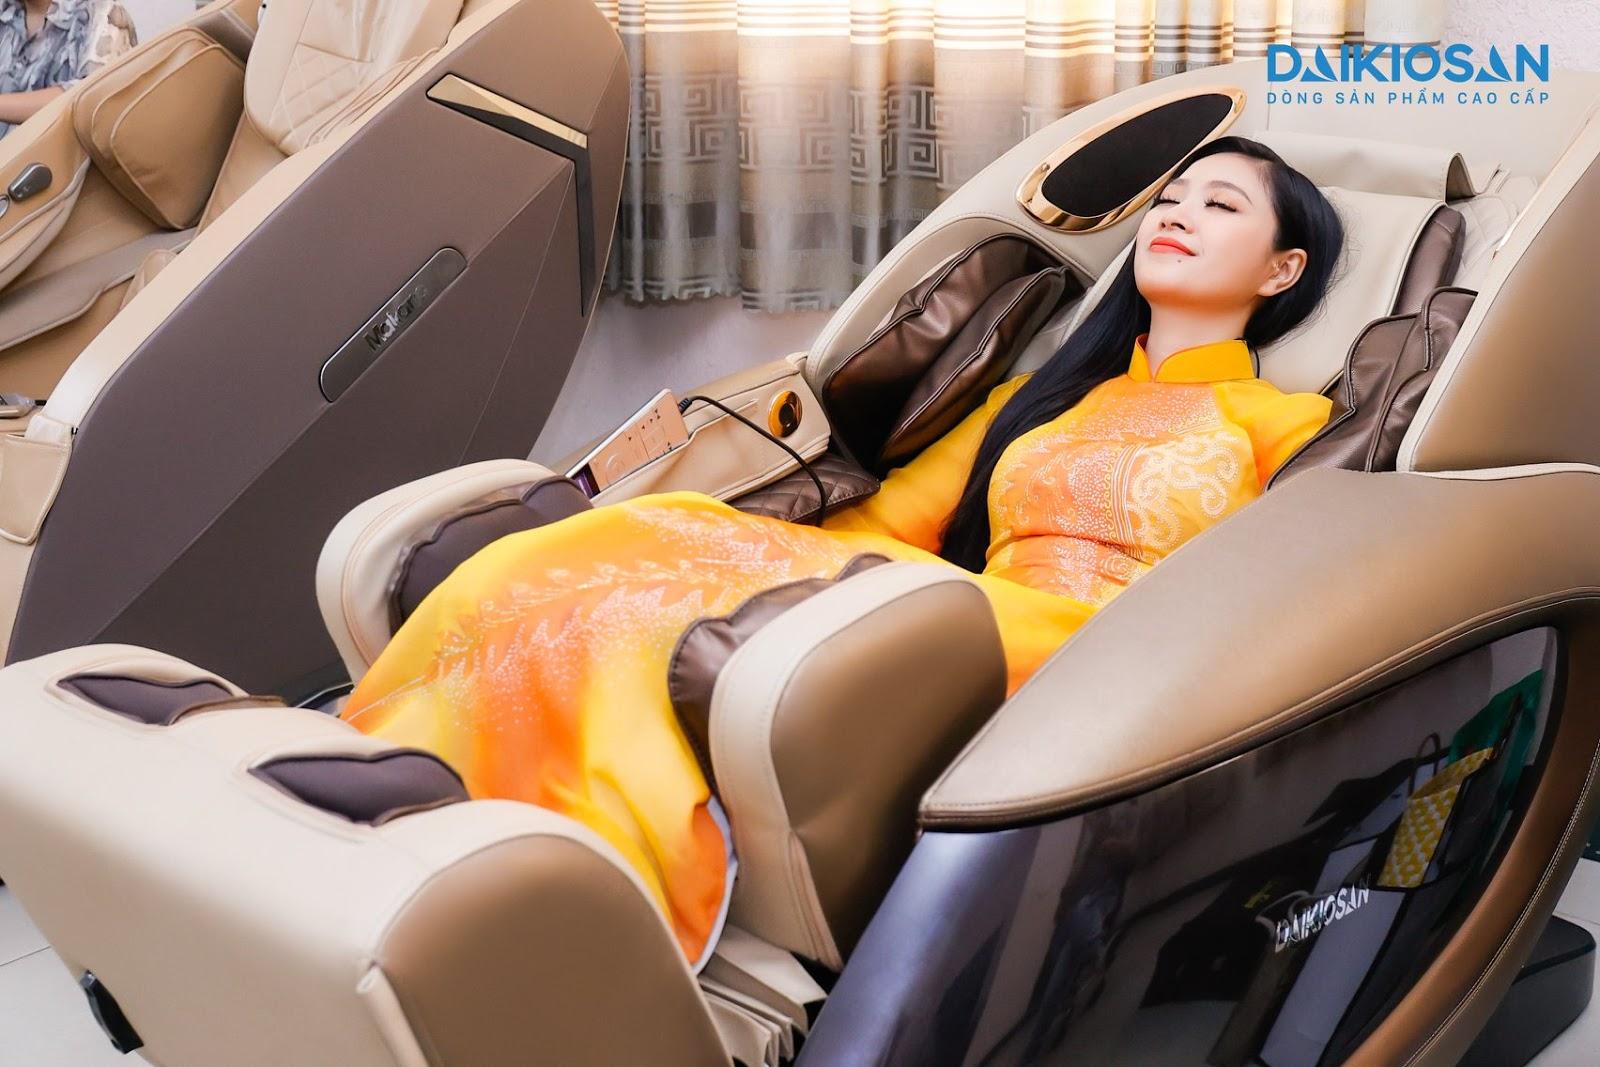 Tư vấn mua ghế massage dựa trên chất lượng sản phẩm